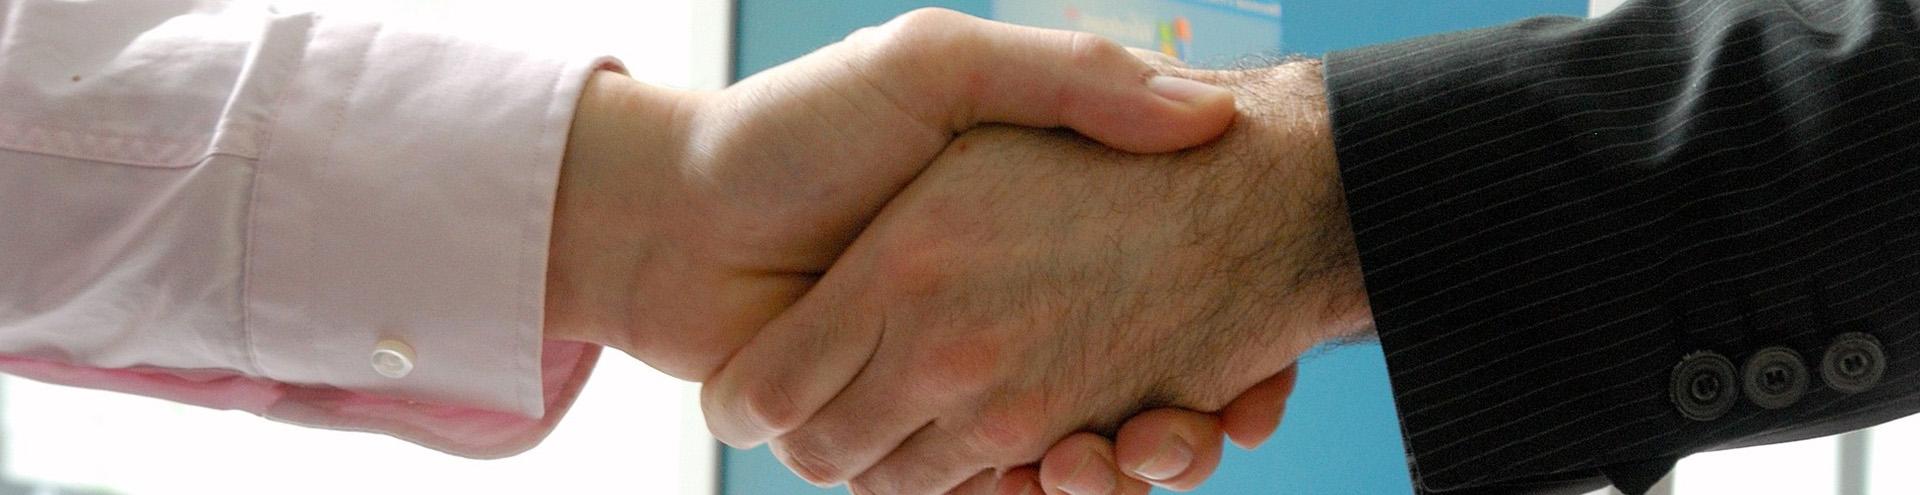 арбитражное урегулирование споров в Саратове